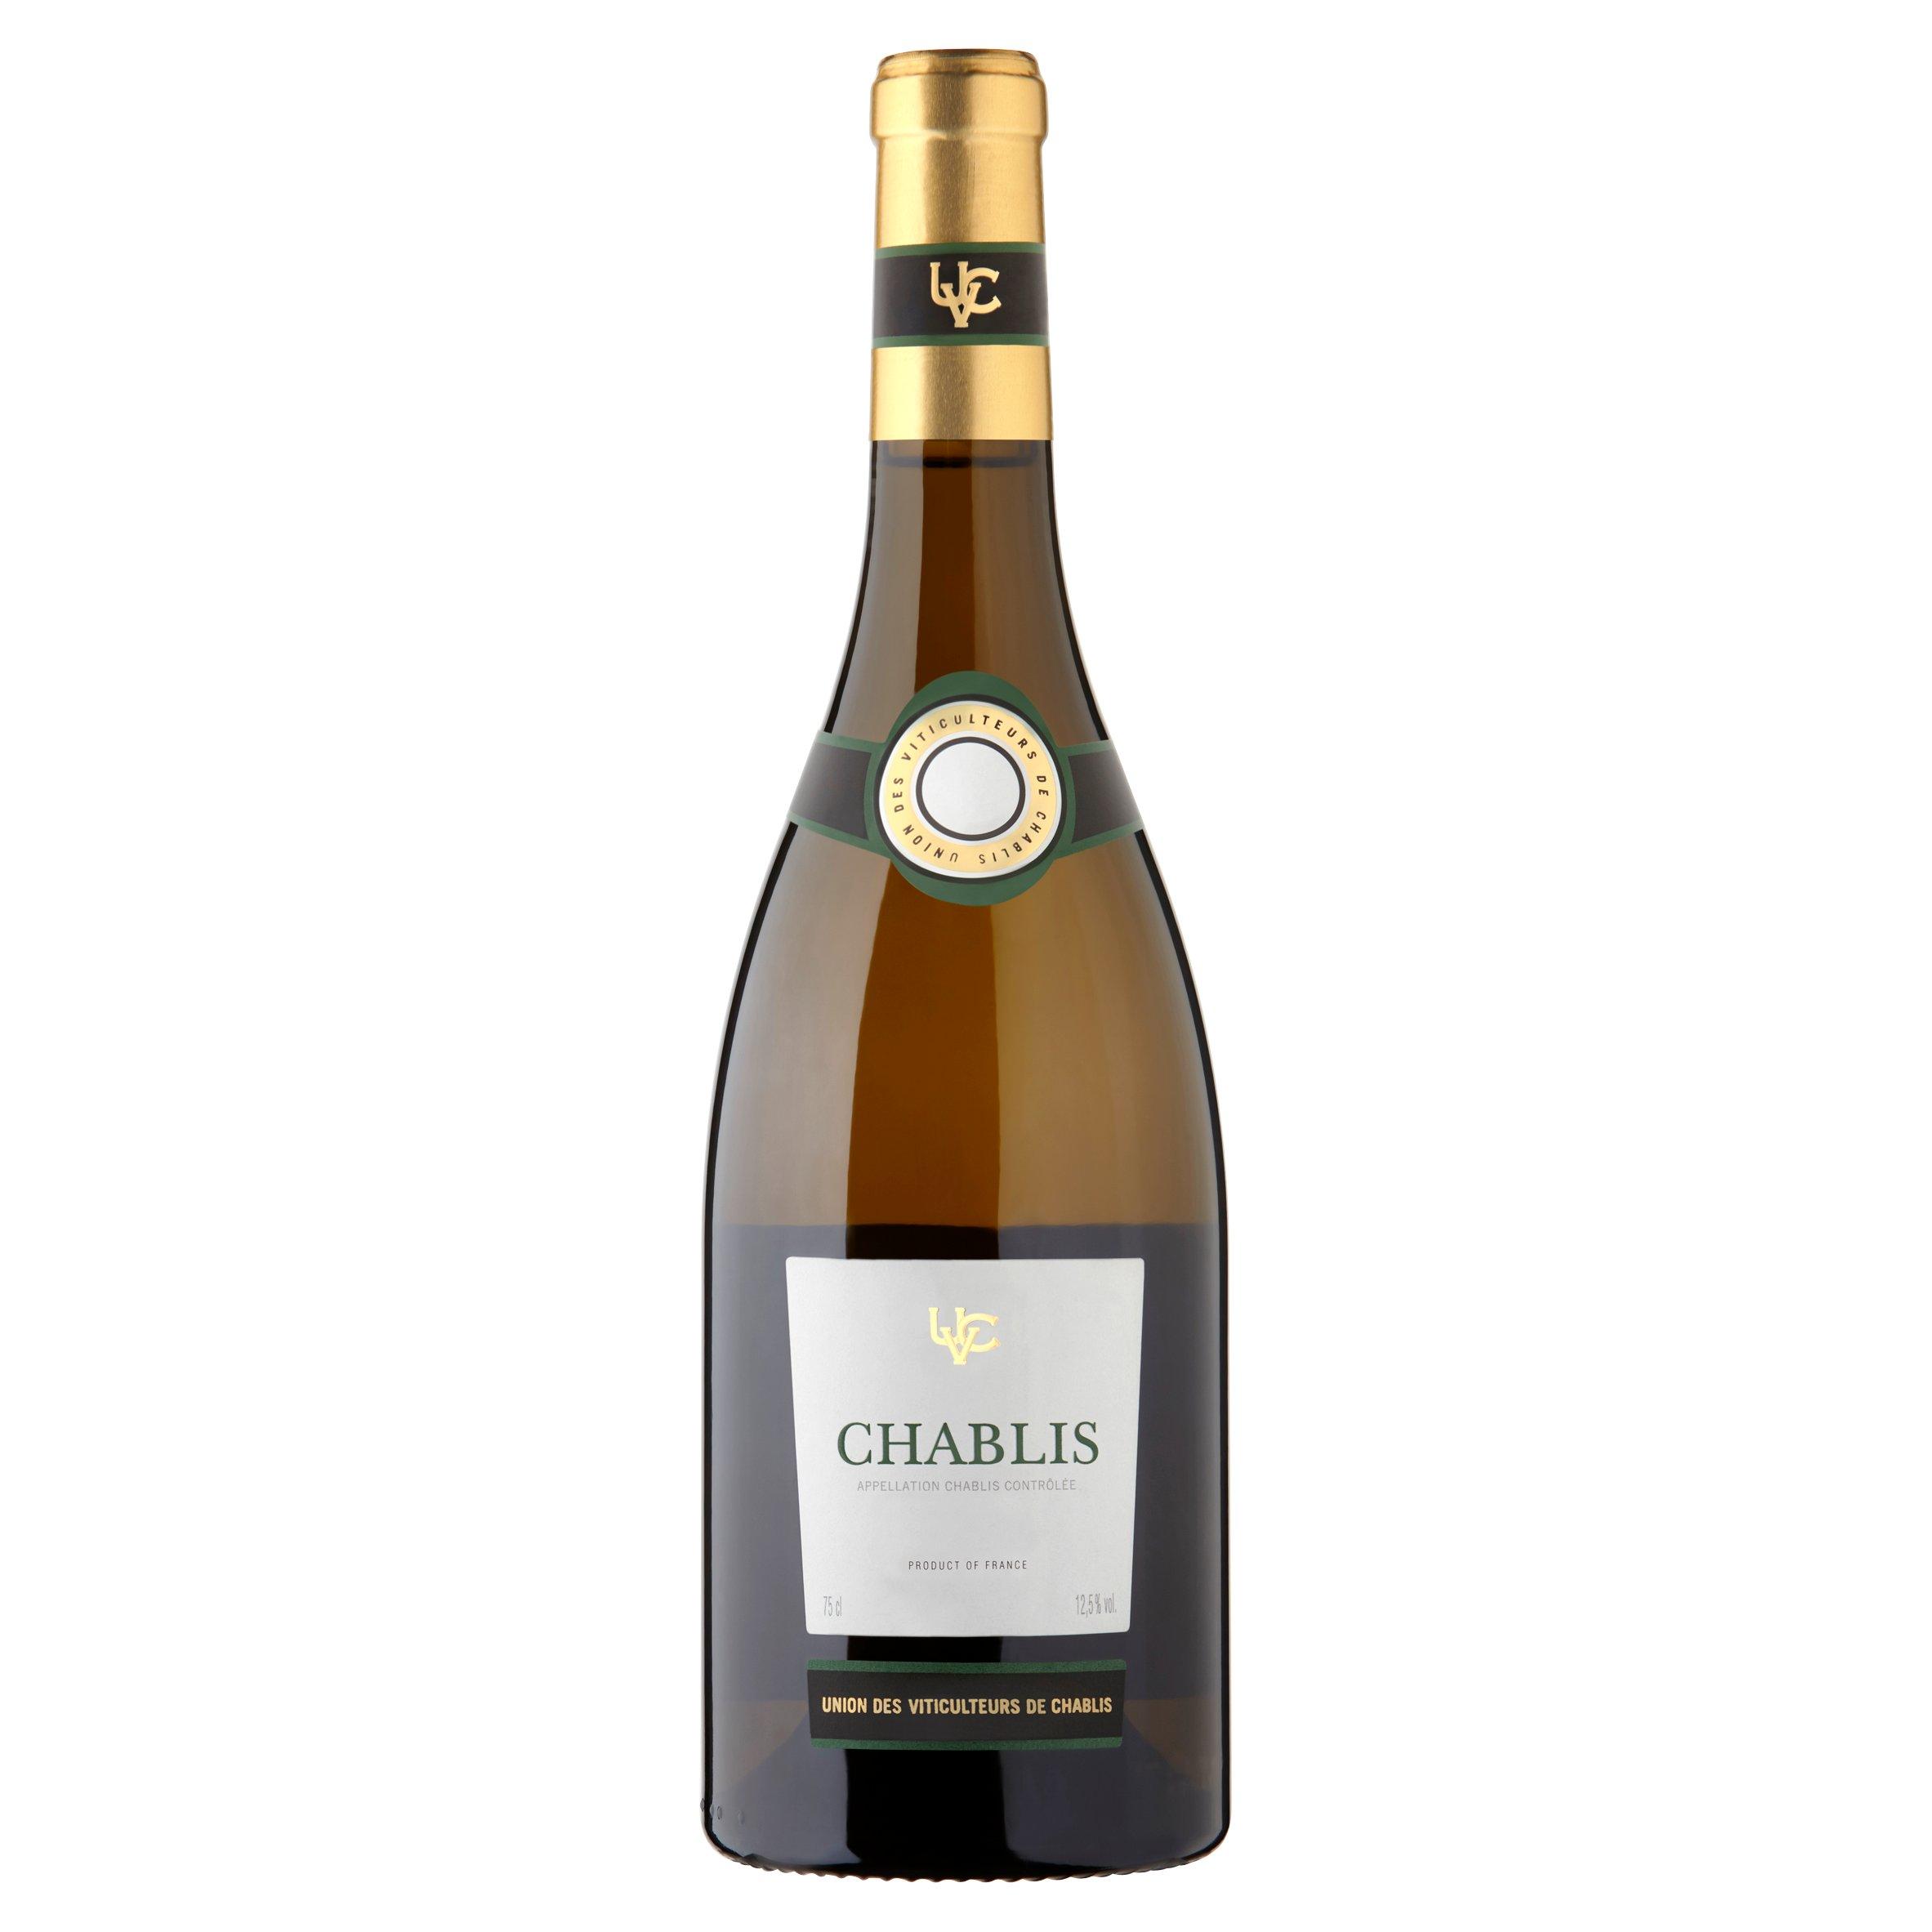 Chablis Uvc 75Cl